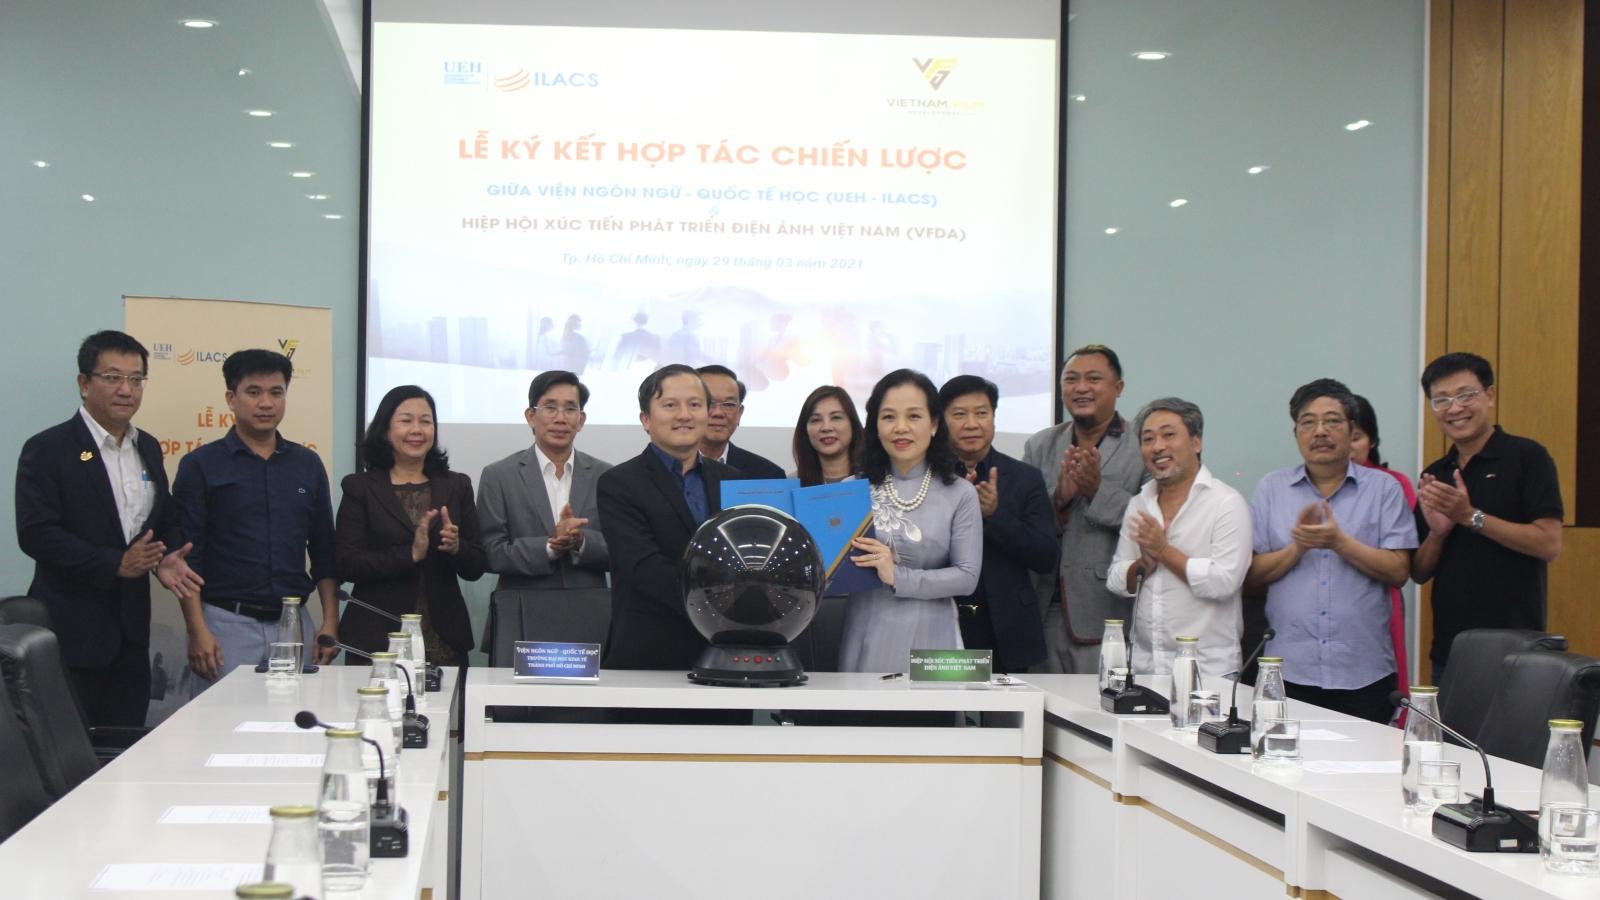 Ký kết hợp tác chiến lược về xúc tiến, phát triển và giáo dục điện ảnh Việt Nam